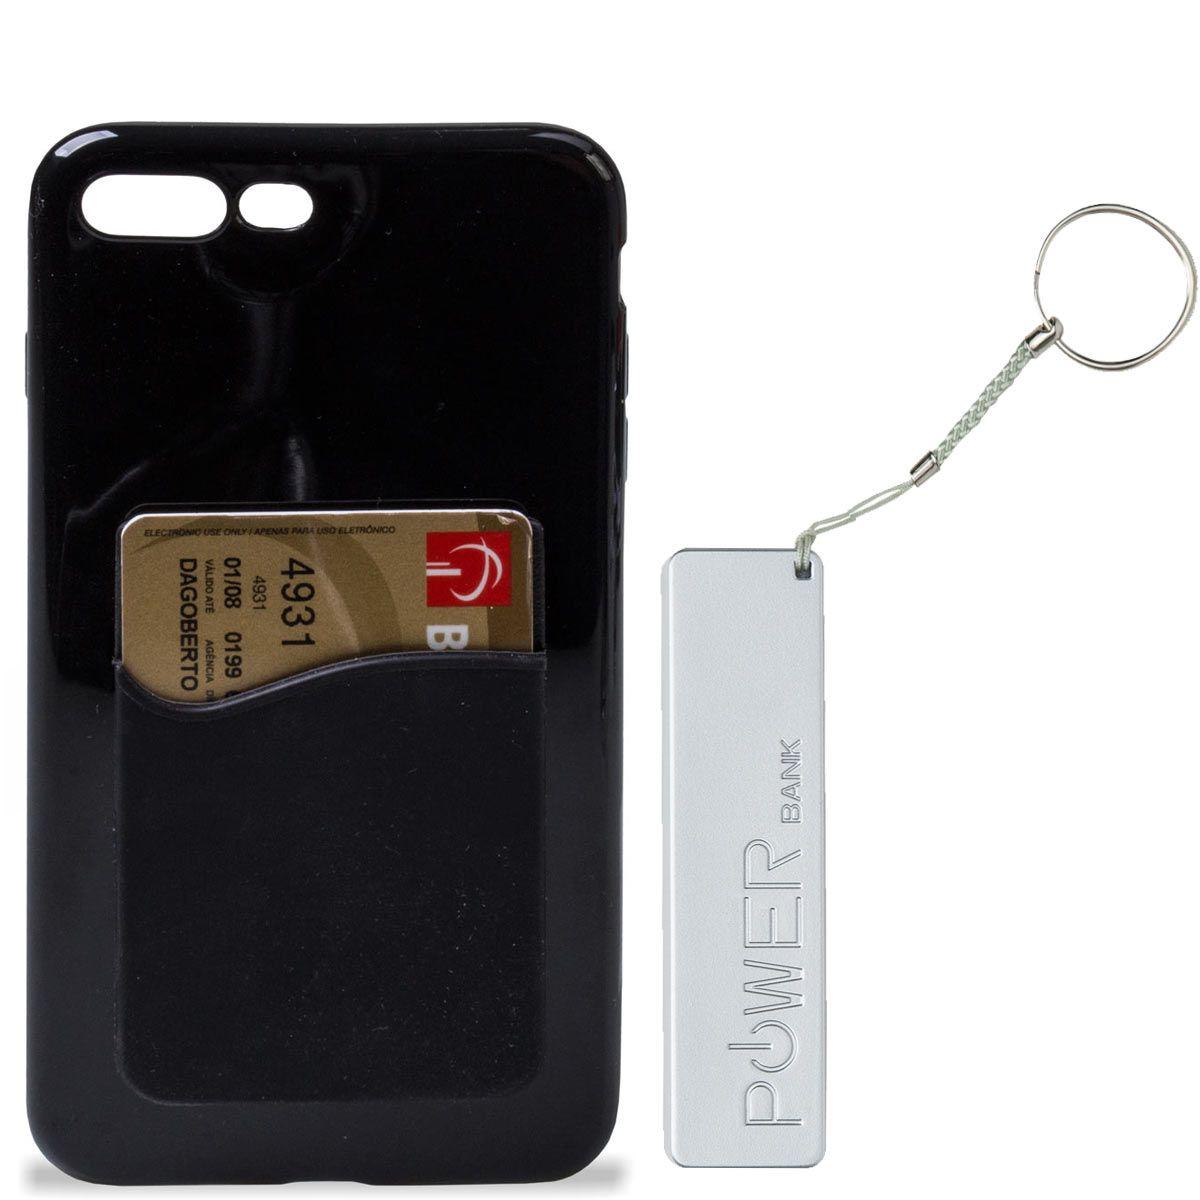 Capa Iphone com porta Cartão e Carregador